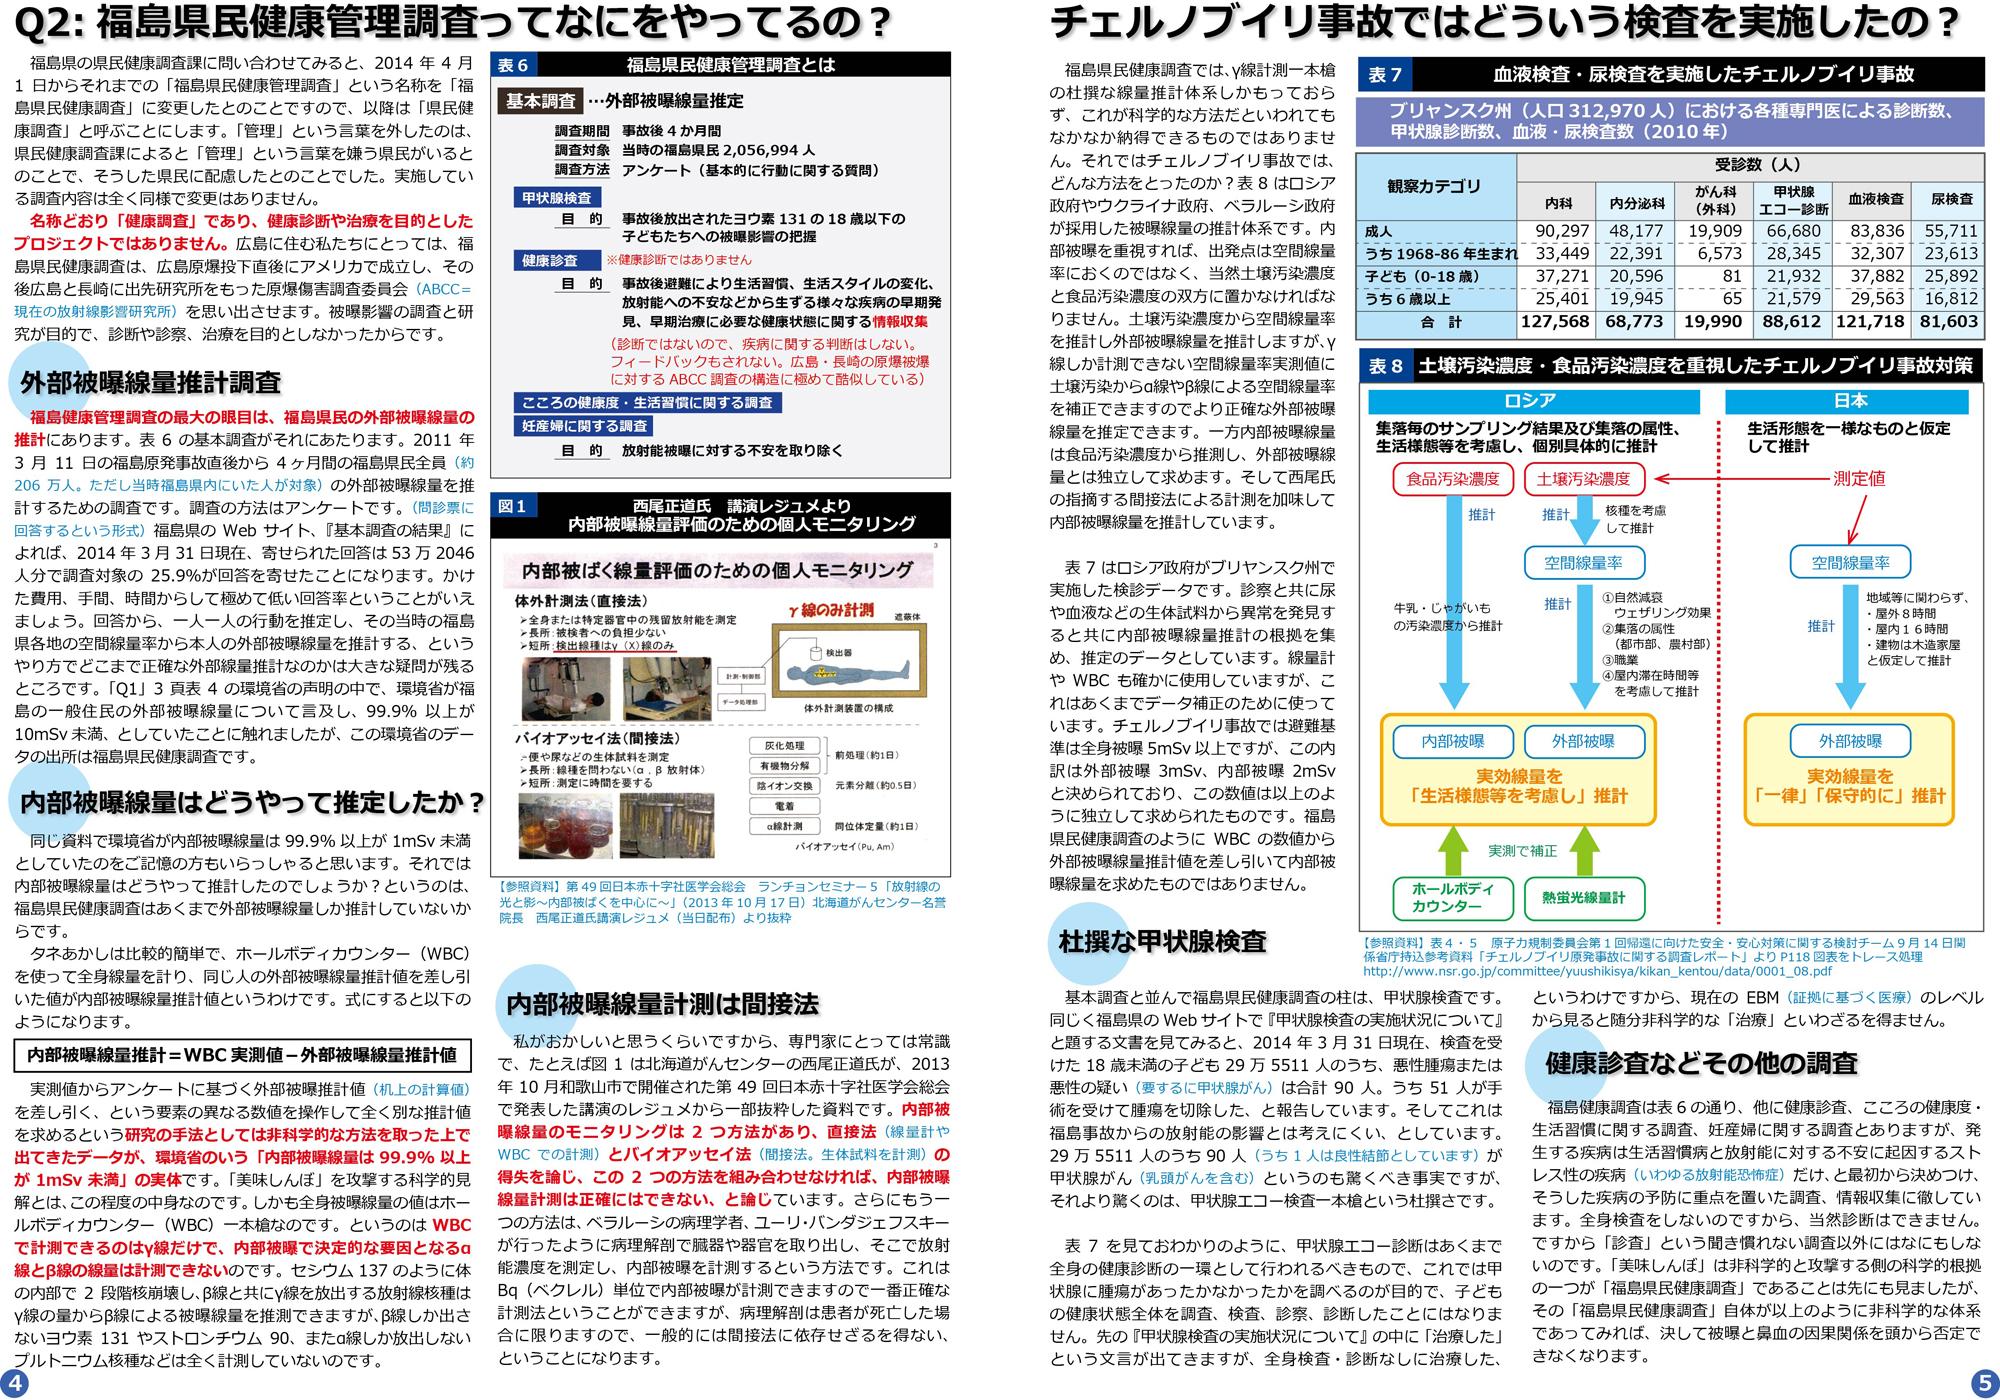 ファイル 307-3.jpg